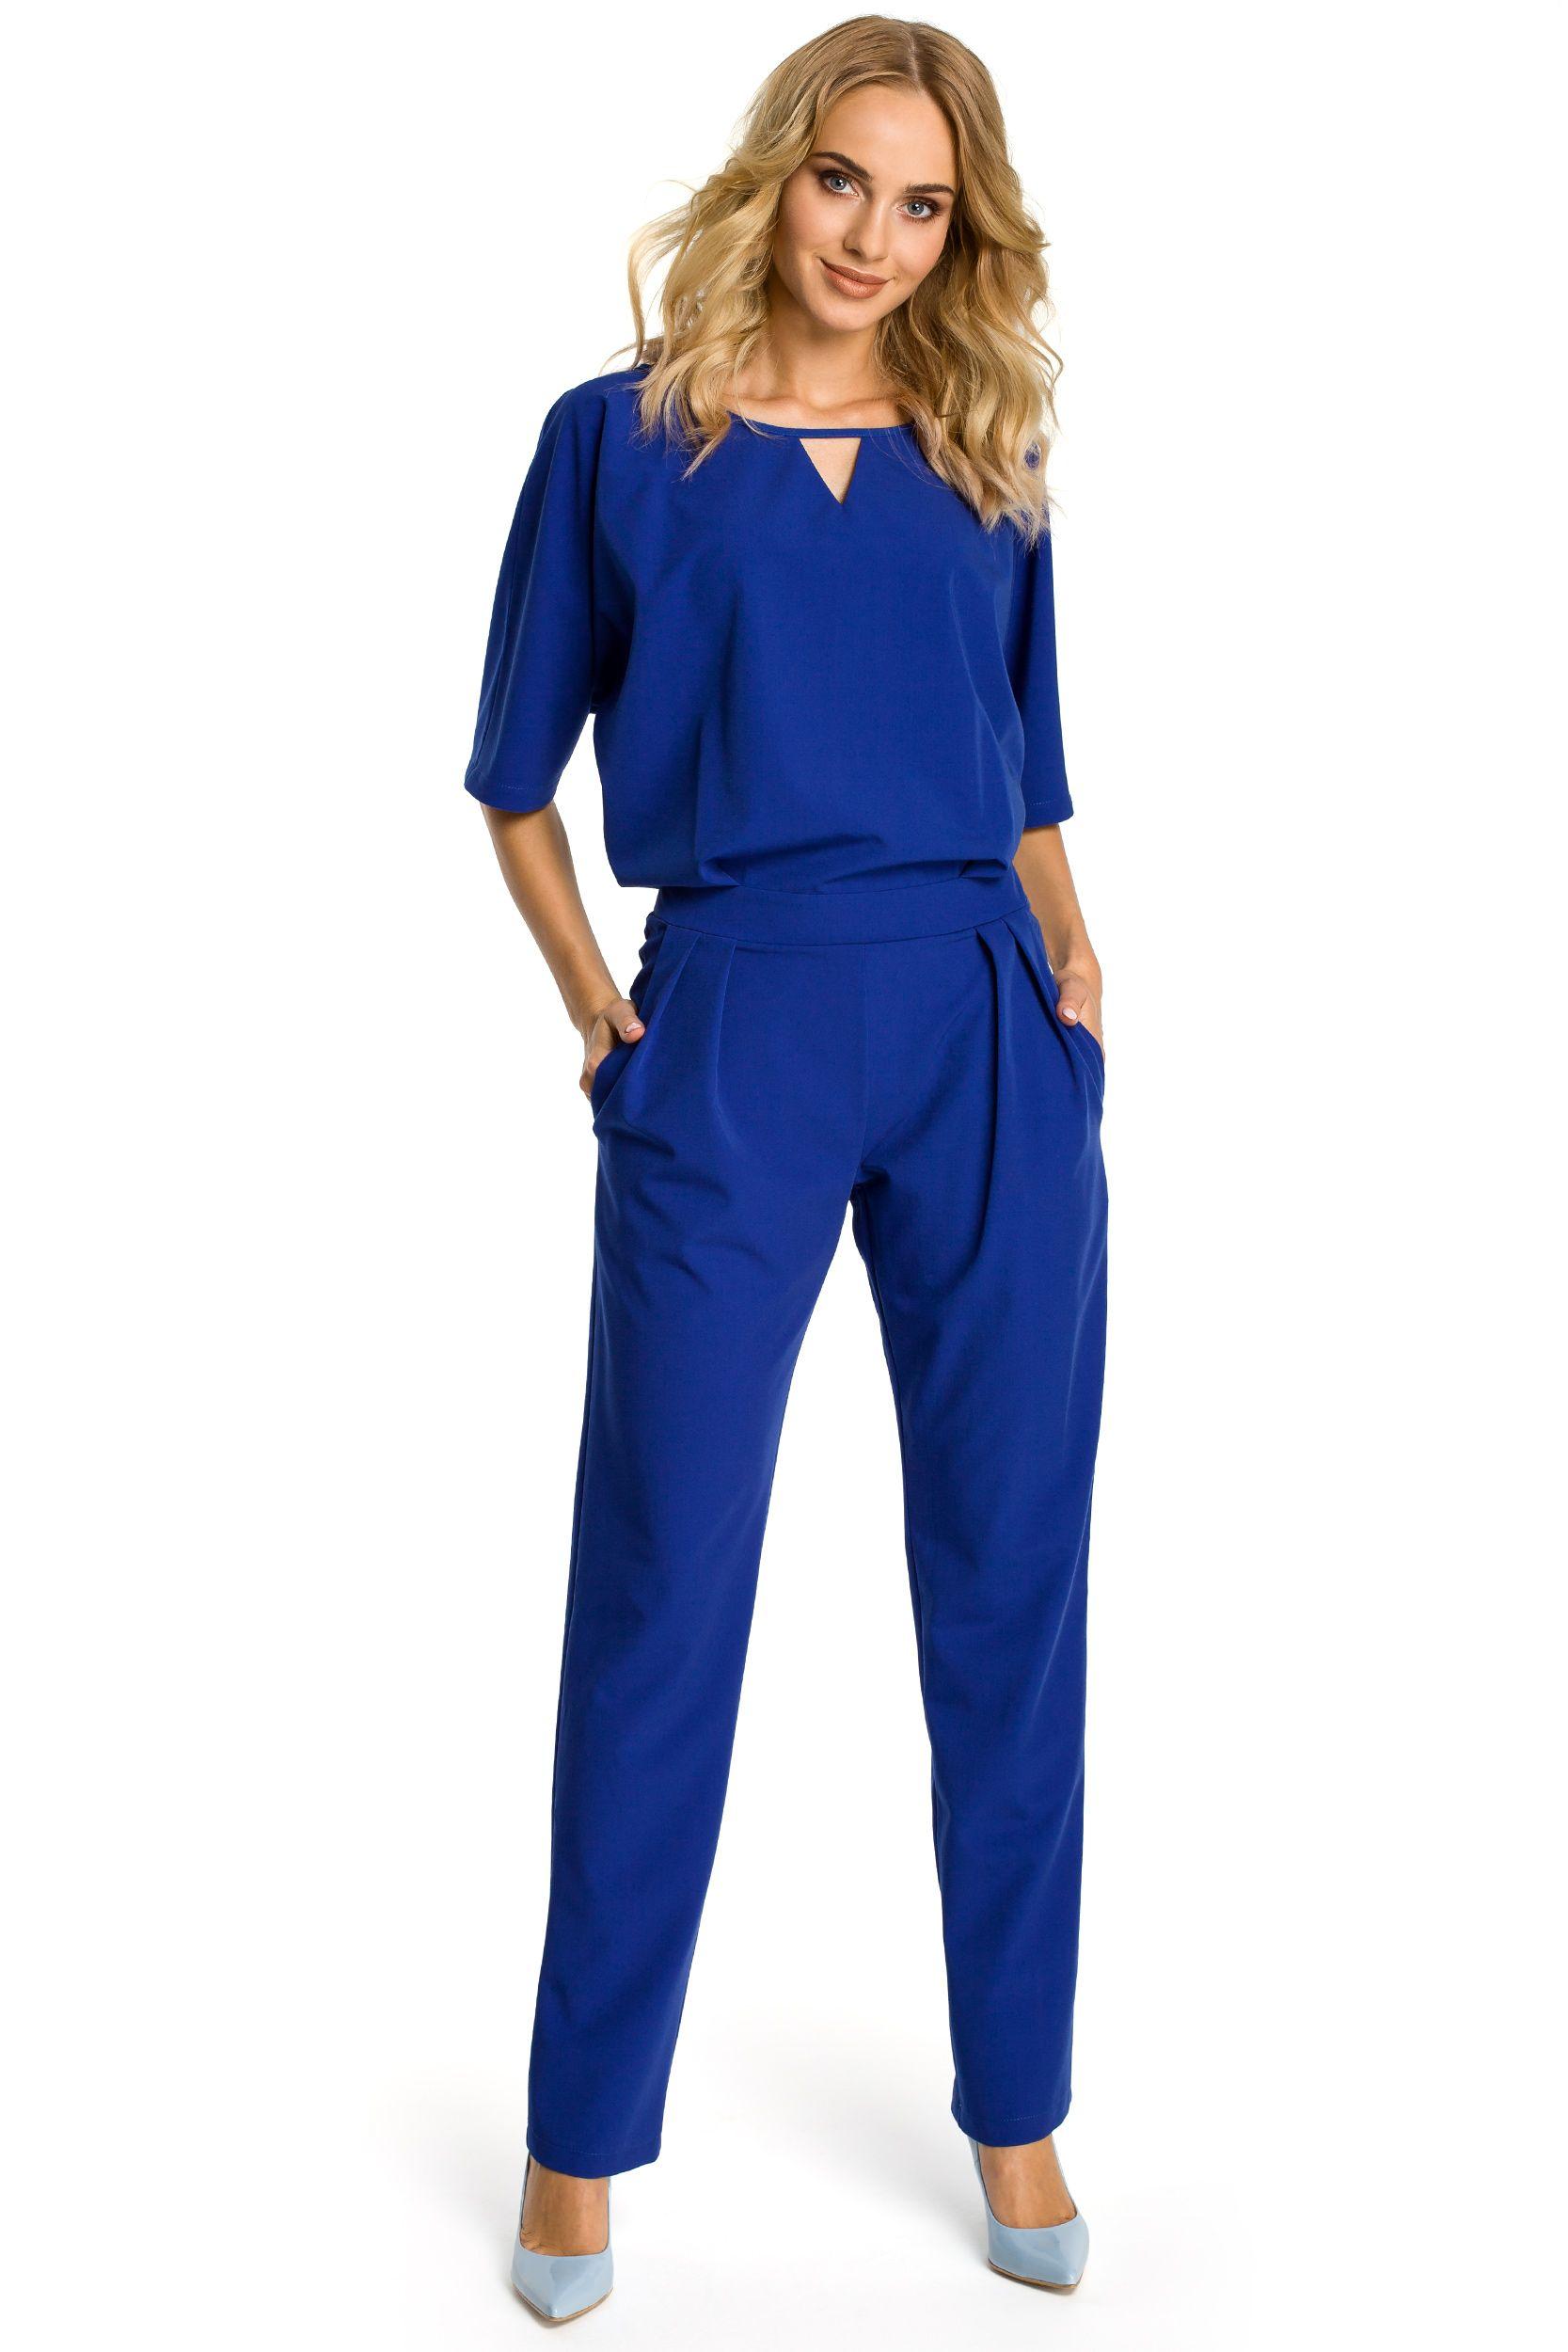 735a7999a4  Kombinezon  Damski  PLUS  SIZE  xl  xxl  chabr  niebieski  onlineshopping   sale  WYPRZEDAŻ  sklep  z  odzieżą  dla  puszystych  boże  narodzenie   sylwester